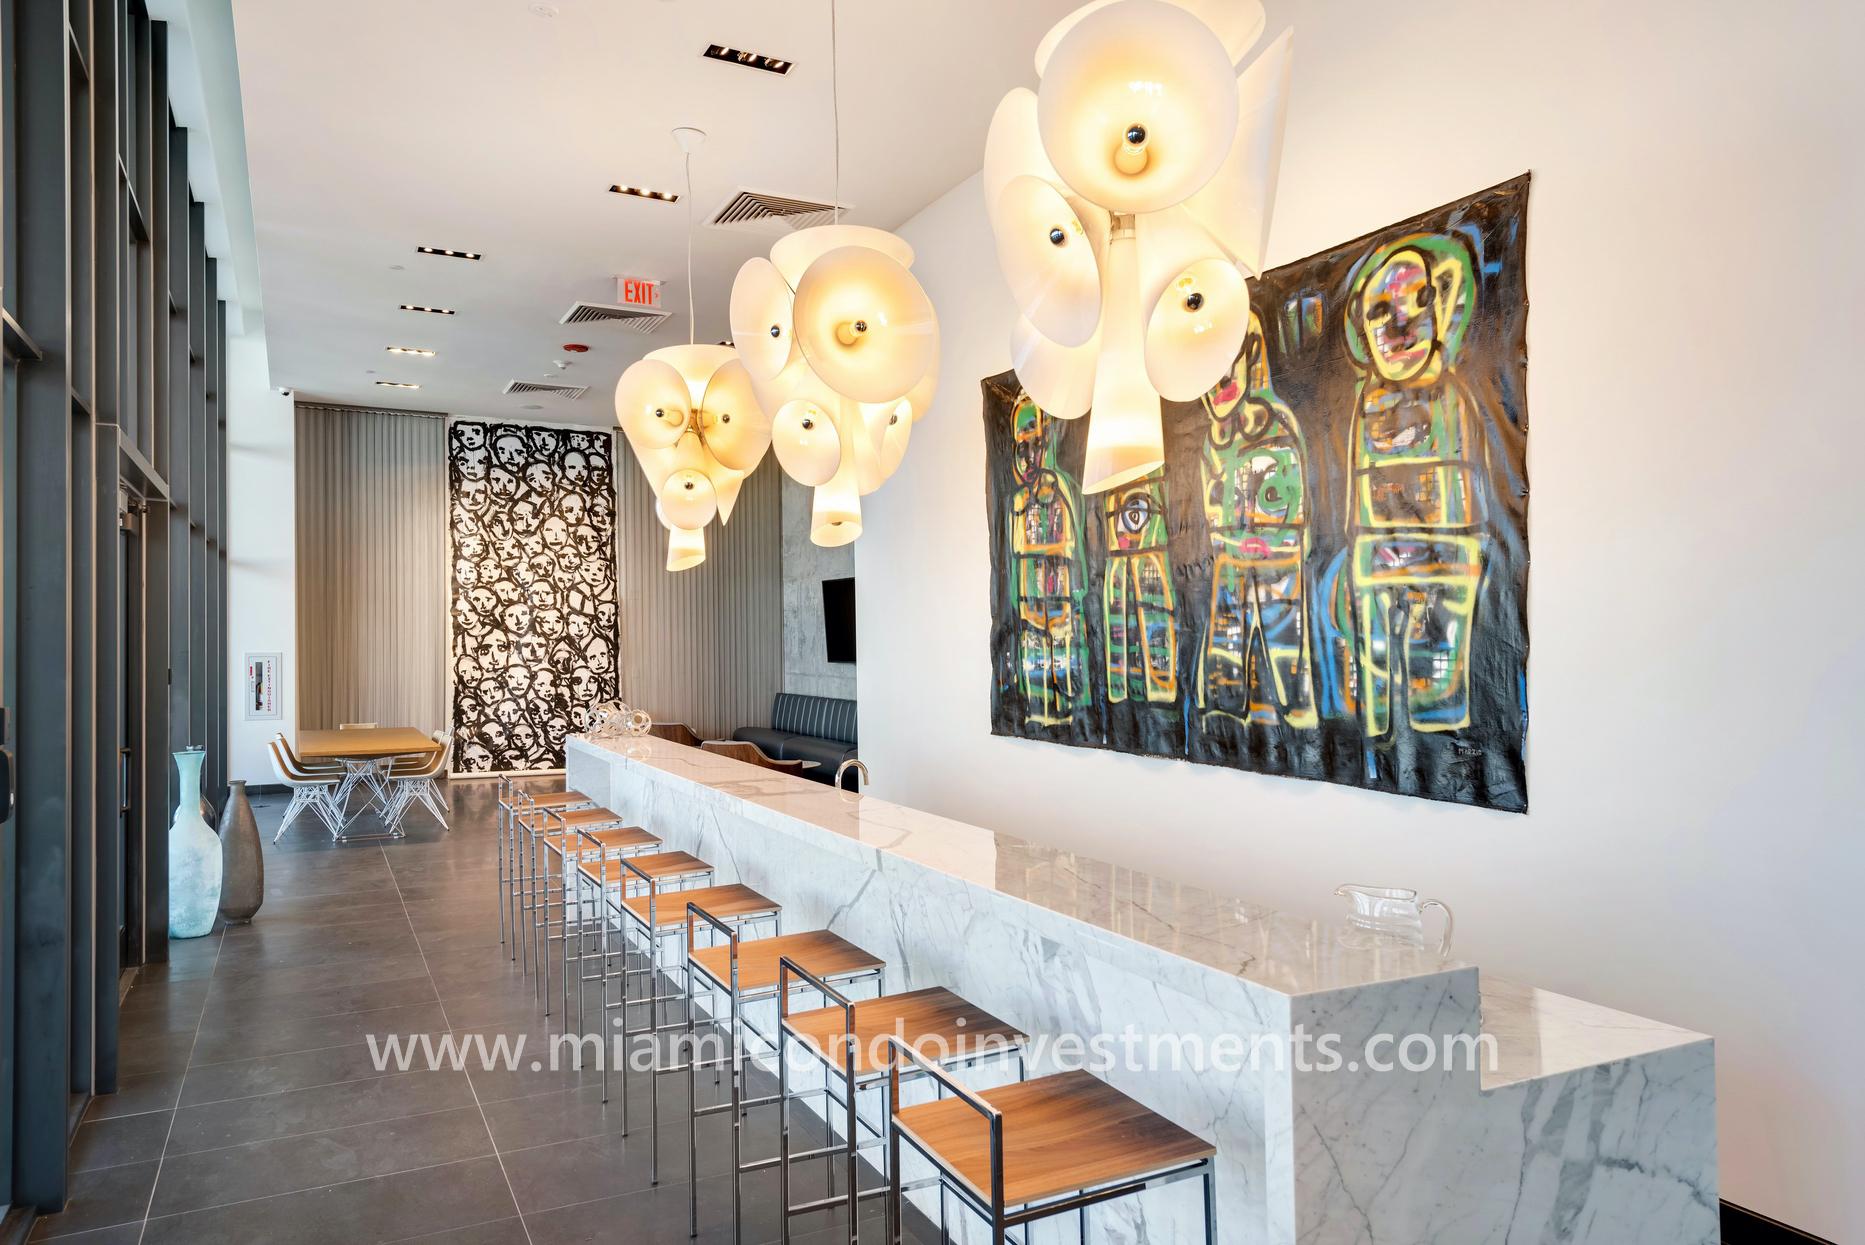 Canvas condos lounge